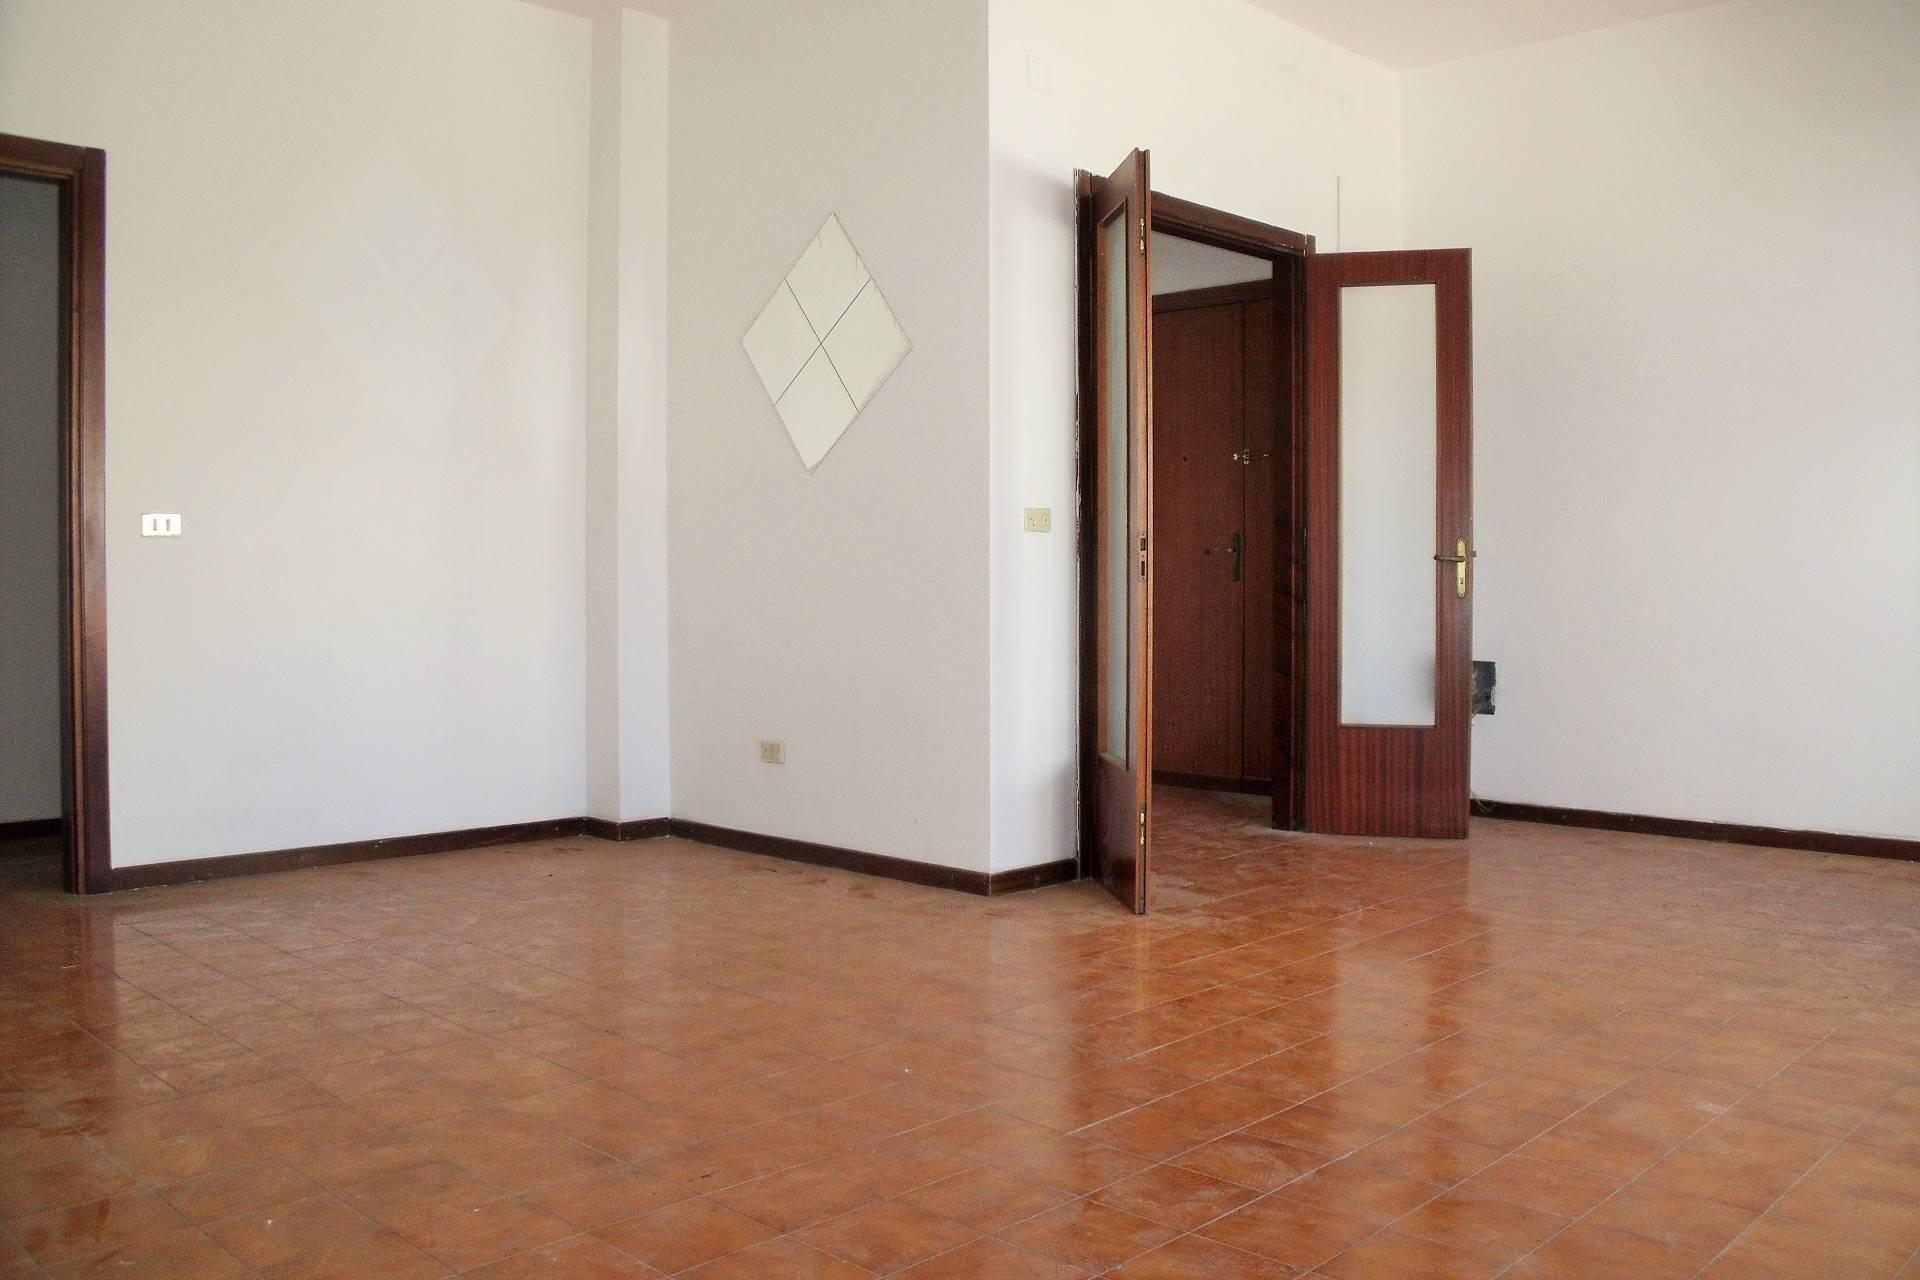 Appartamento in vendita a Matino, 6 locali, prezzo € 45.000 | CambioCasa.it